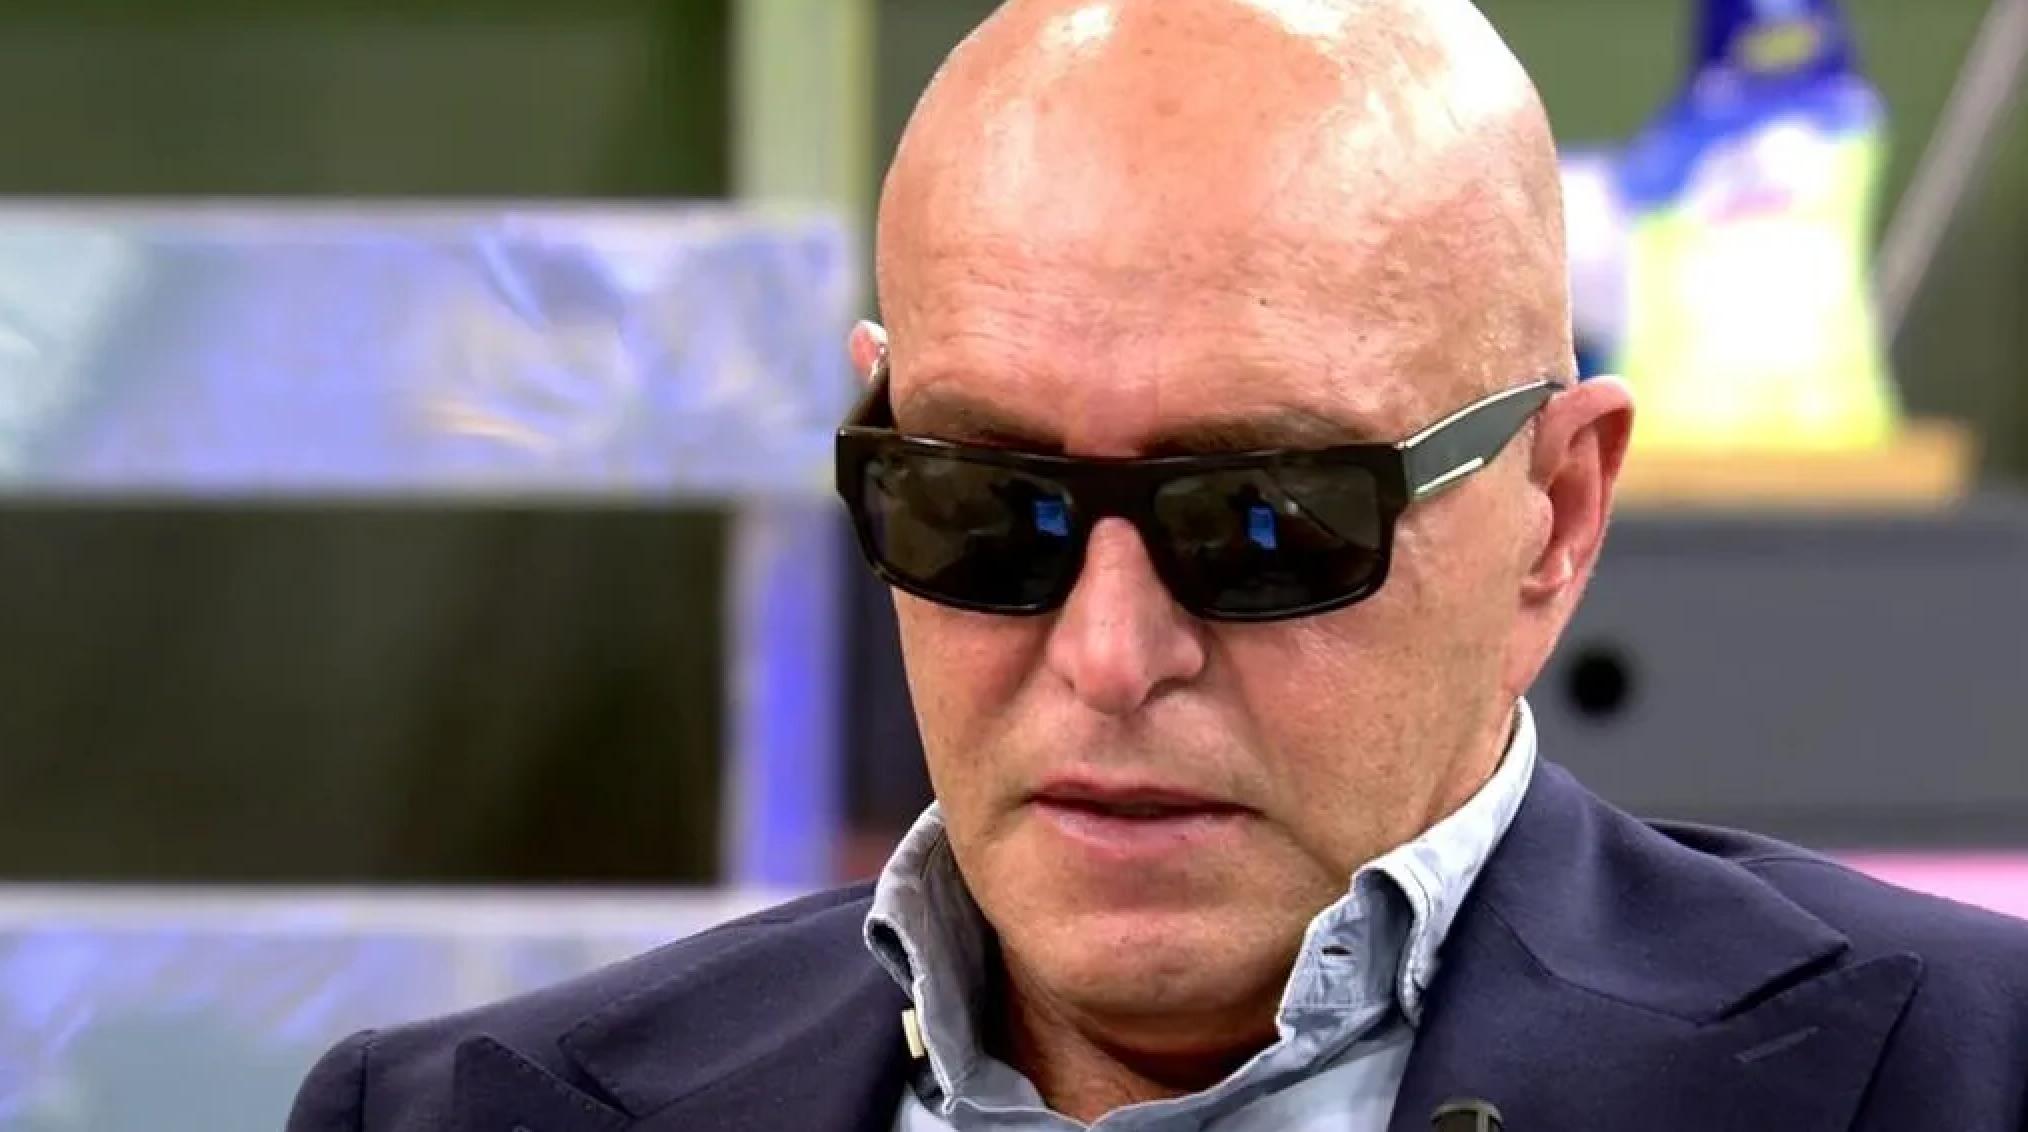 Kiko Matamoros amb ulleres de sol a 'Sálvame' | Telecinco